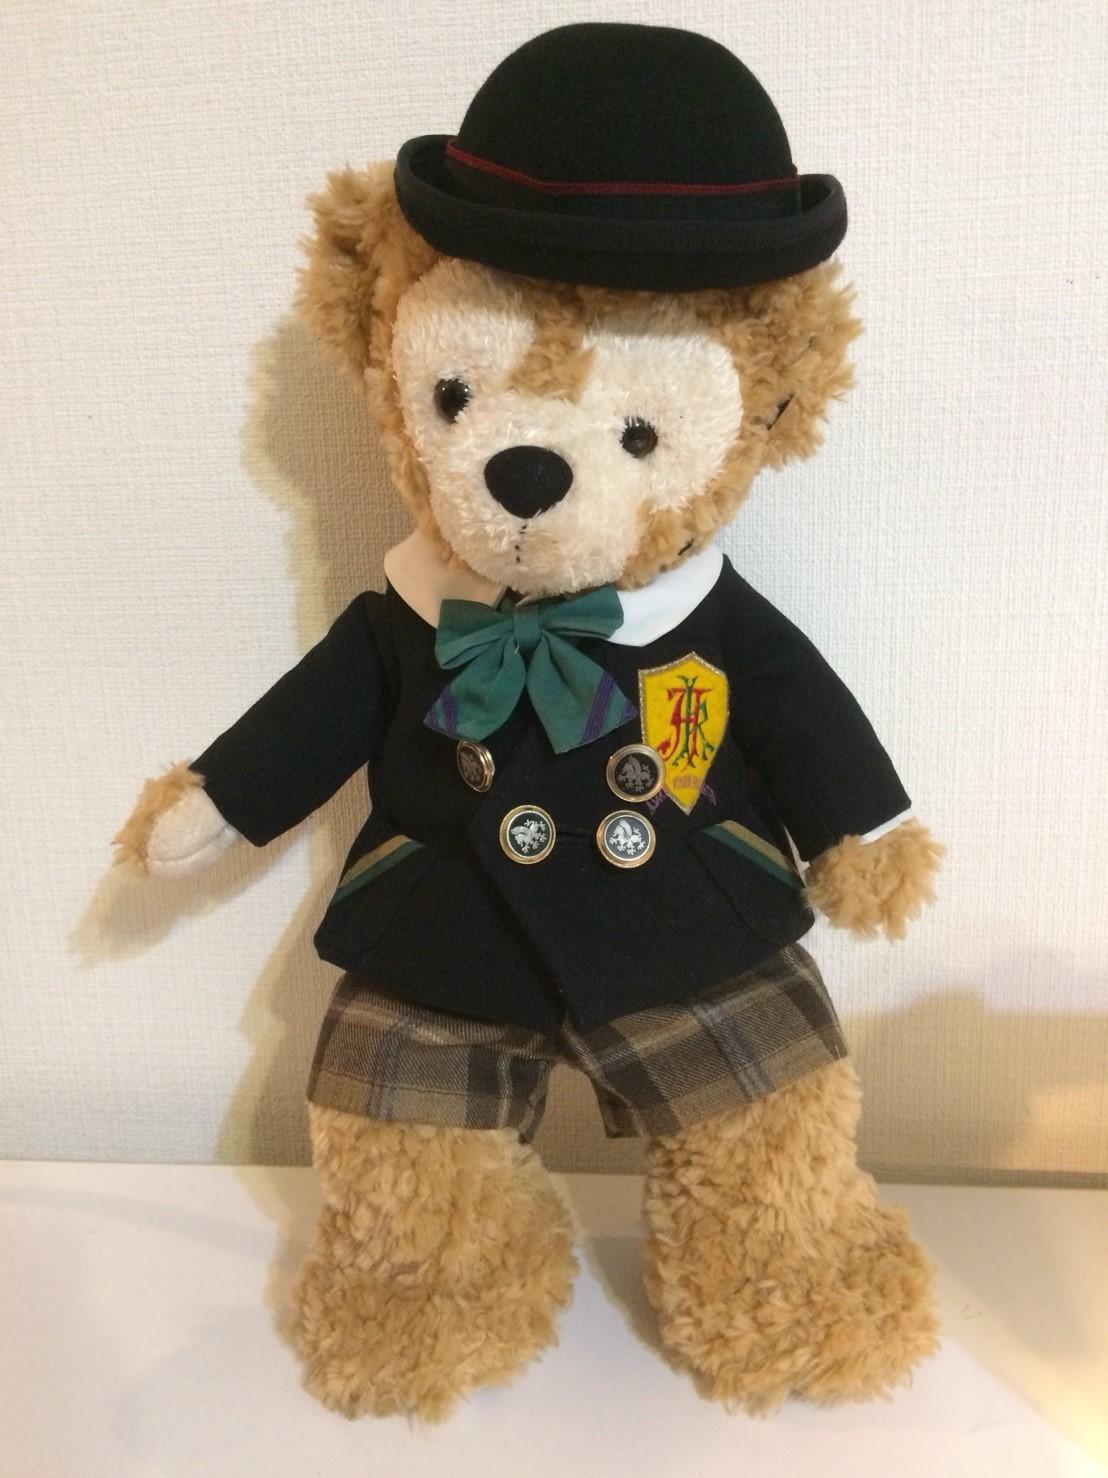 幼稚園のミニチュアブレザー制服